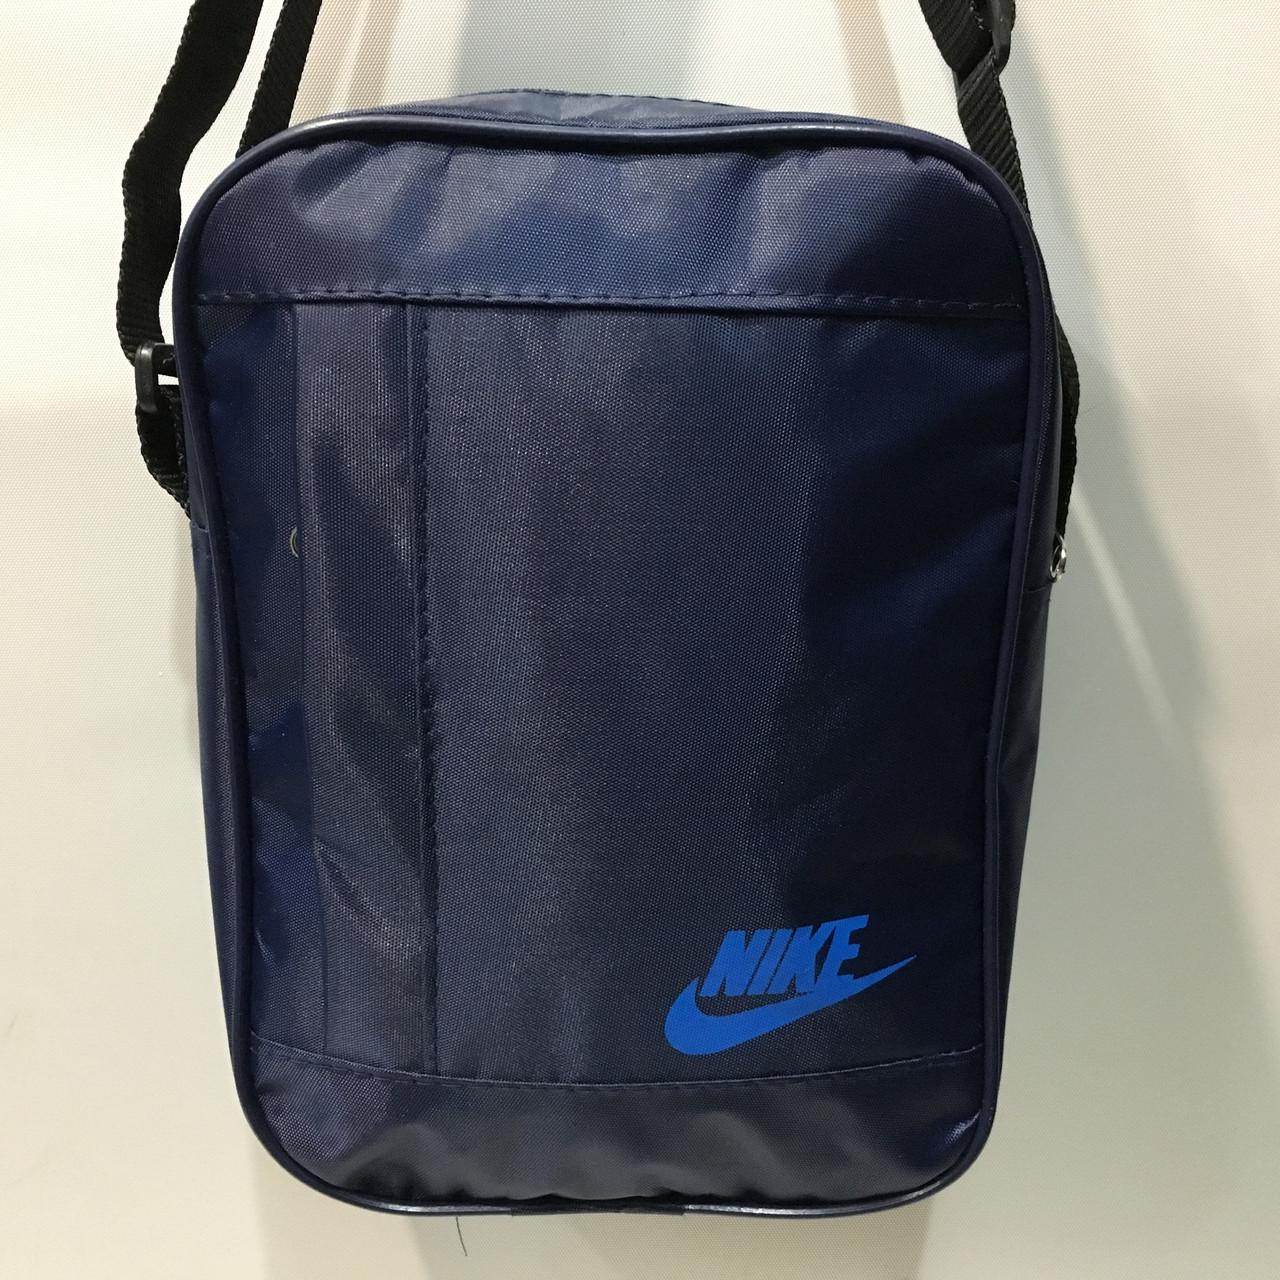 c59a4acae3c8 Высококачественная мужская сумка через плече. Удобная, практичная сумка. Мужская  сумка Nike оптом